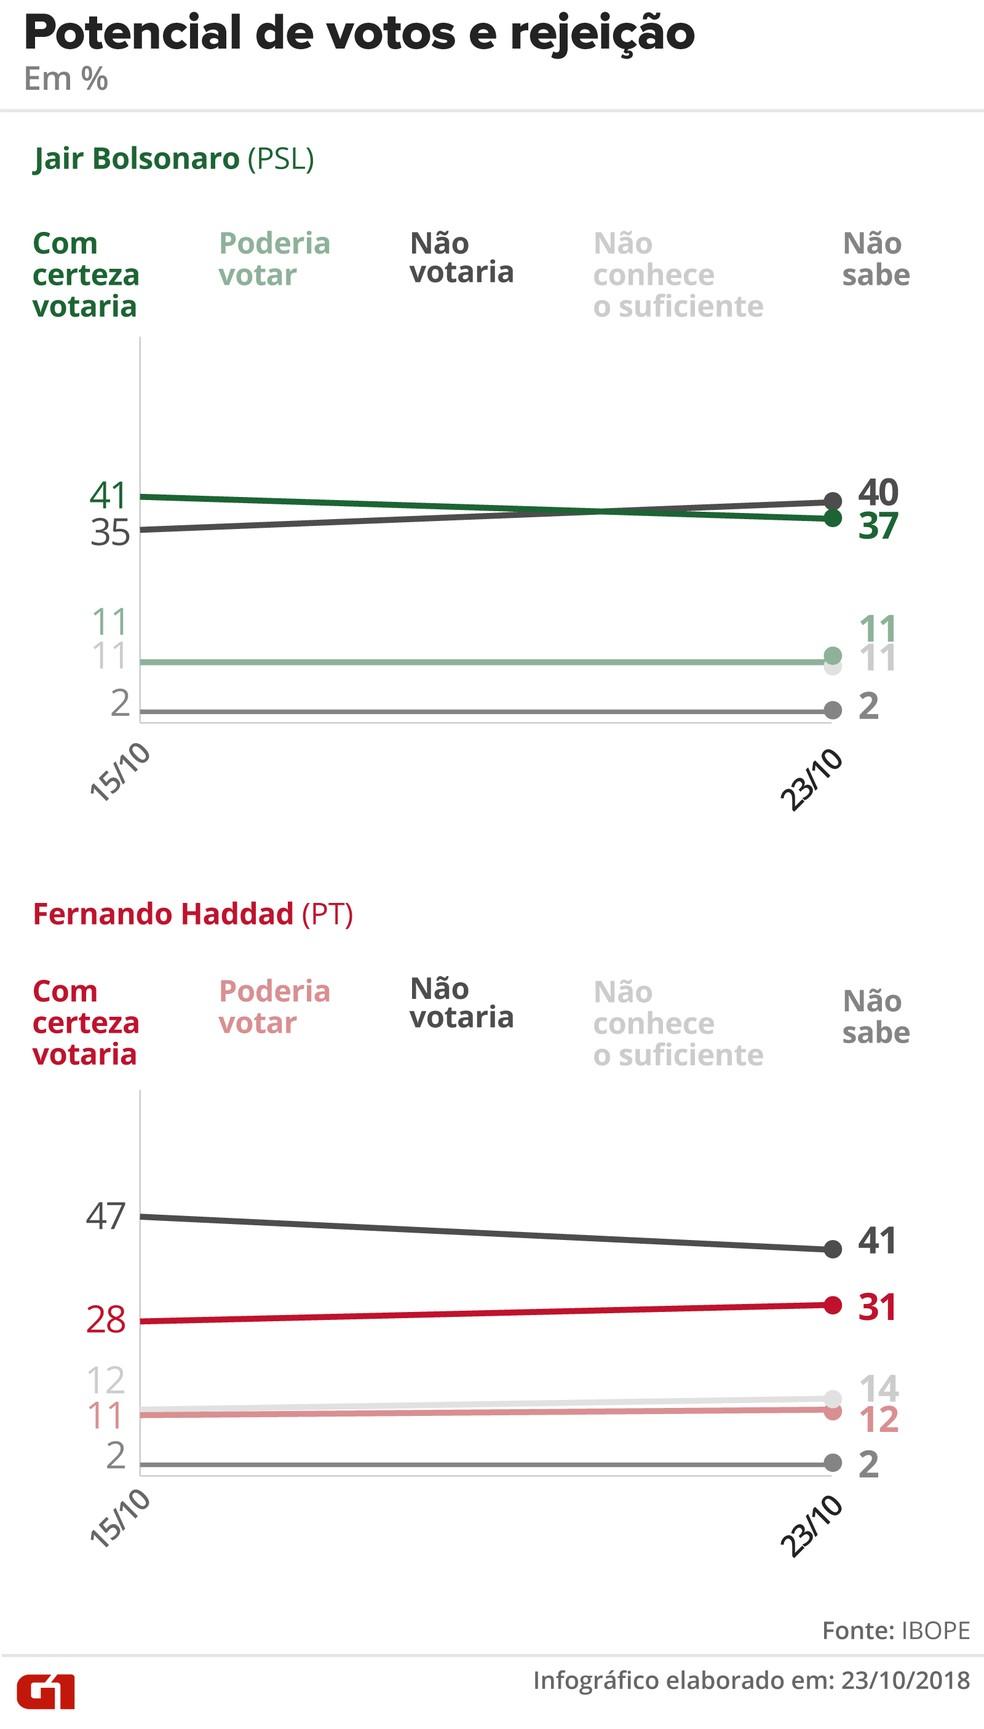 Pesquisa Ibope - 23-10 - Eleição presidencial no 2º turno - Potencial de votos e rejeição — Foto: Arte/G1